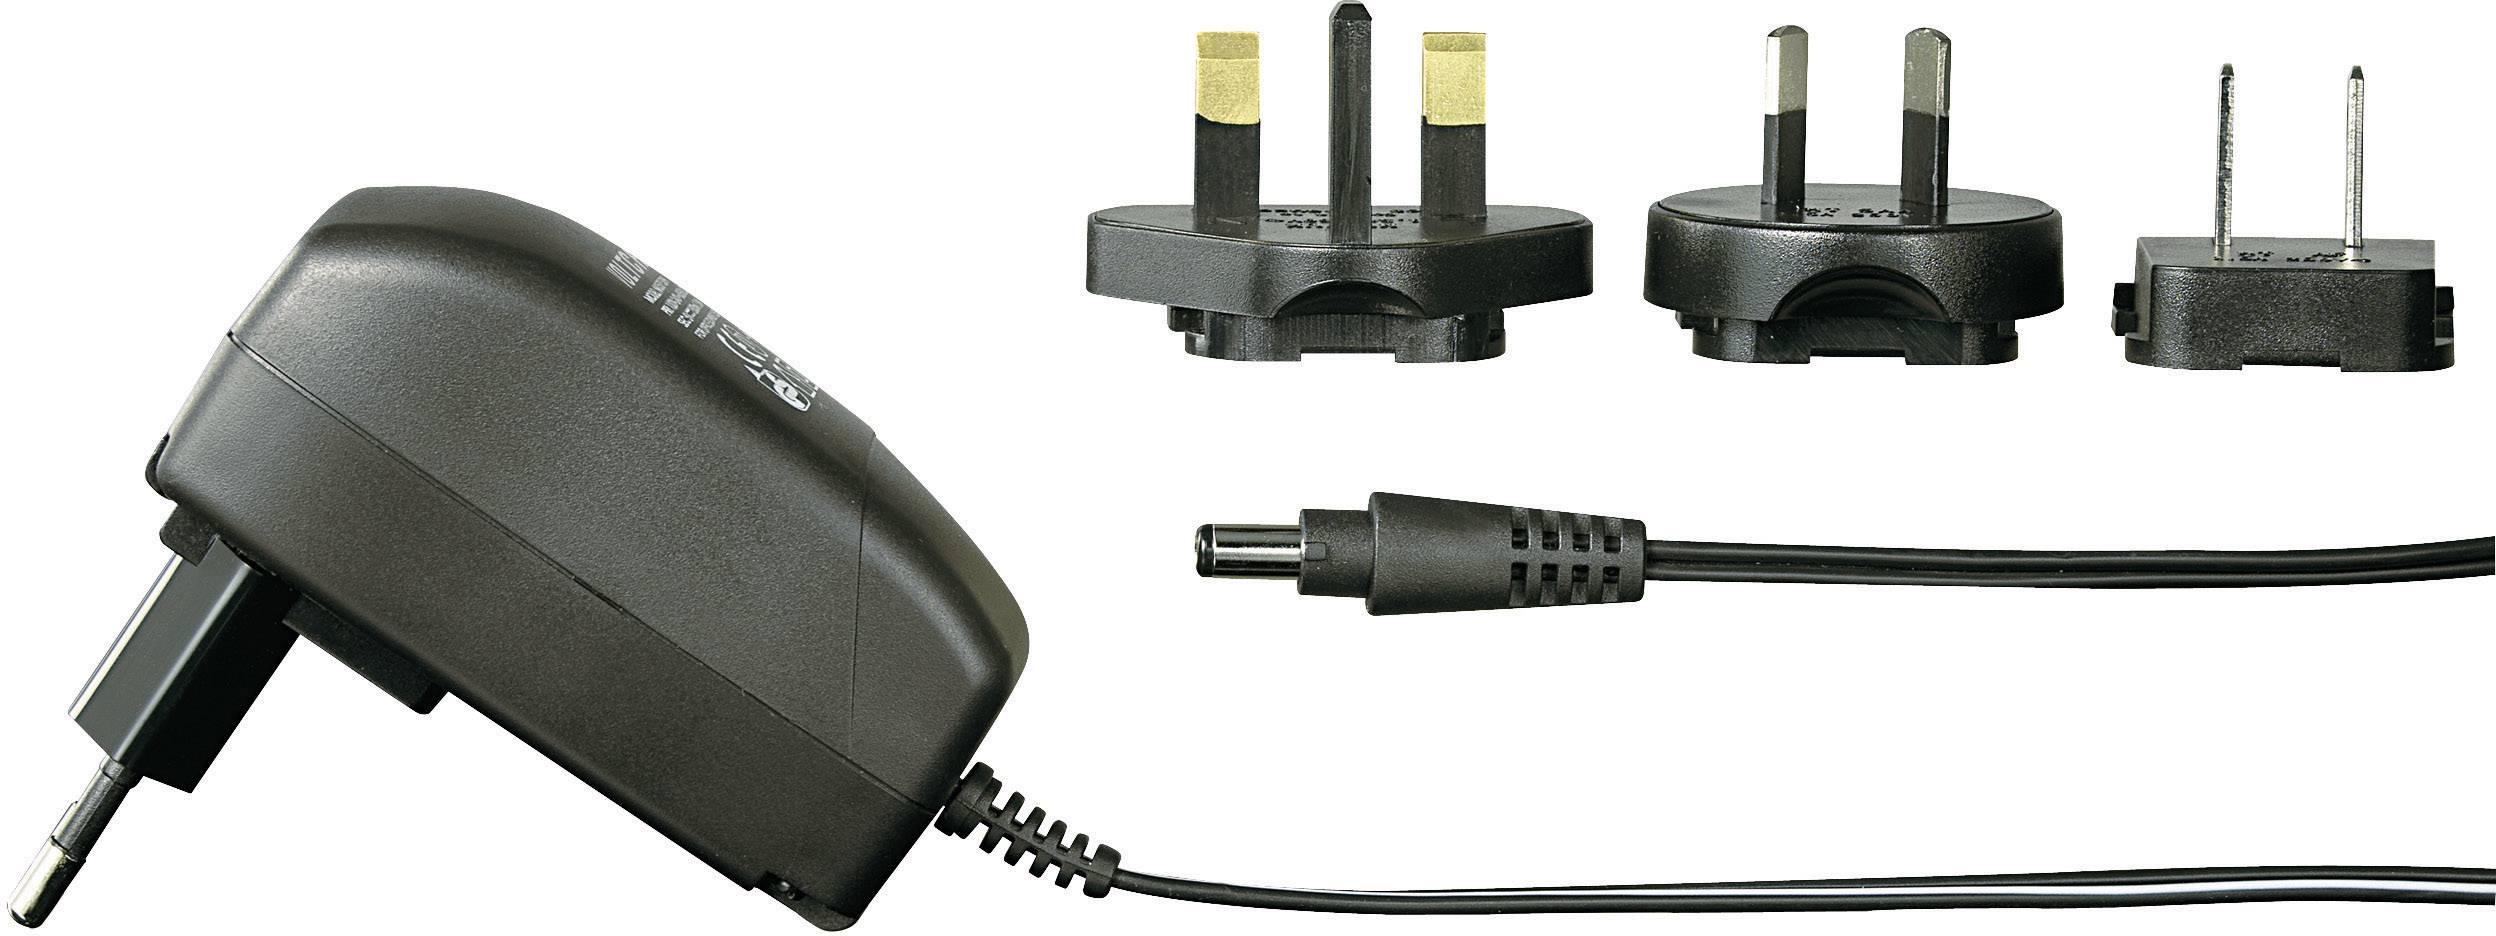 Zásuvkový adaptér so stálym napätím VOLTCRAFT FPPS 5-7.5WP, 7.5 W, 1500 mA